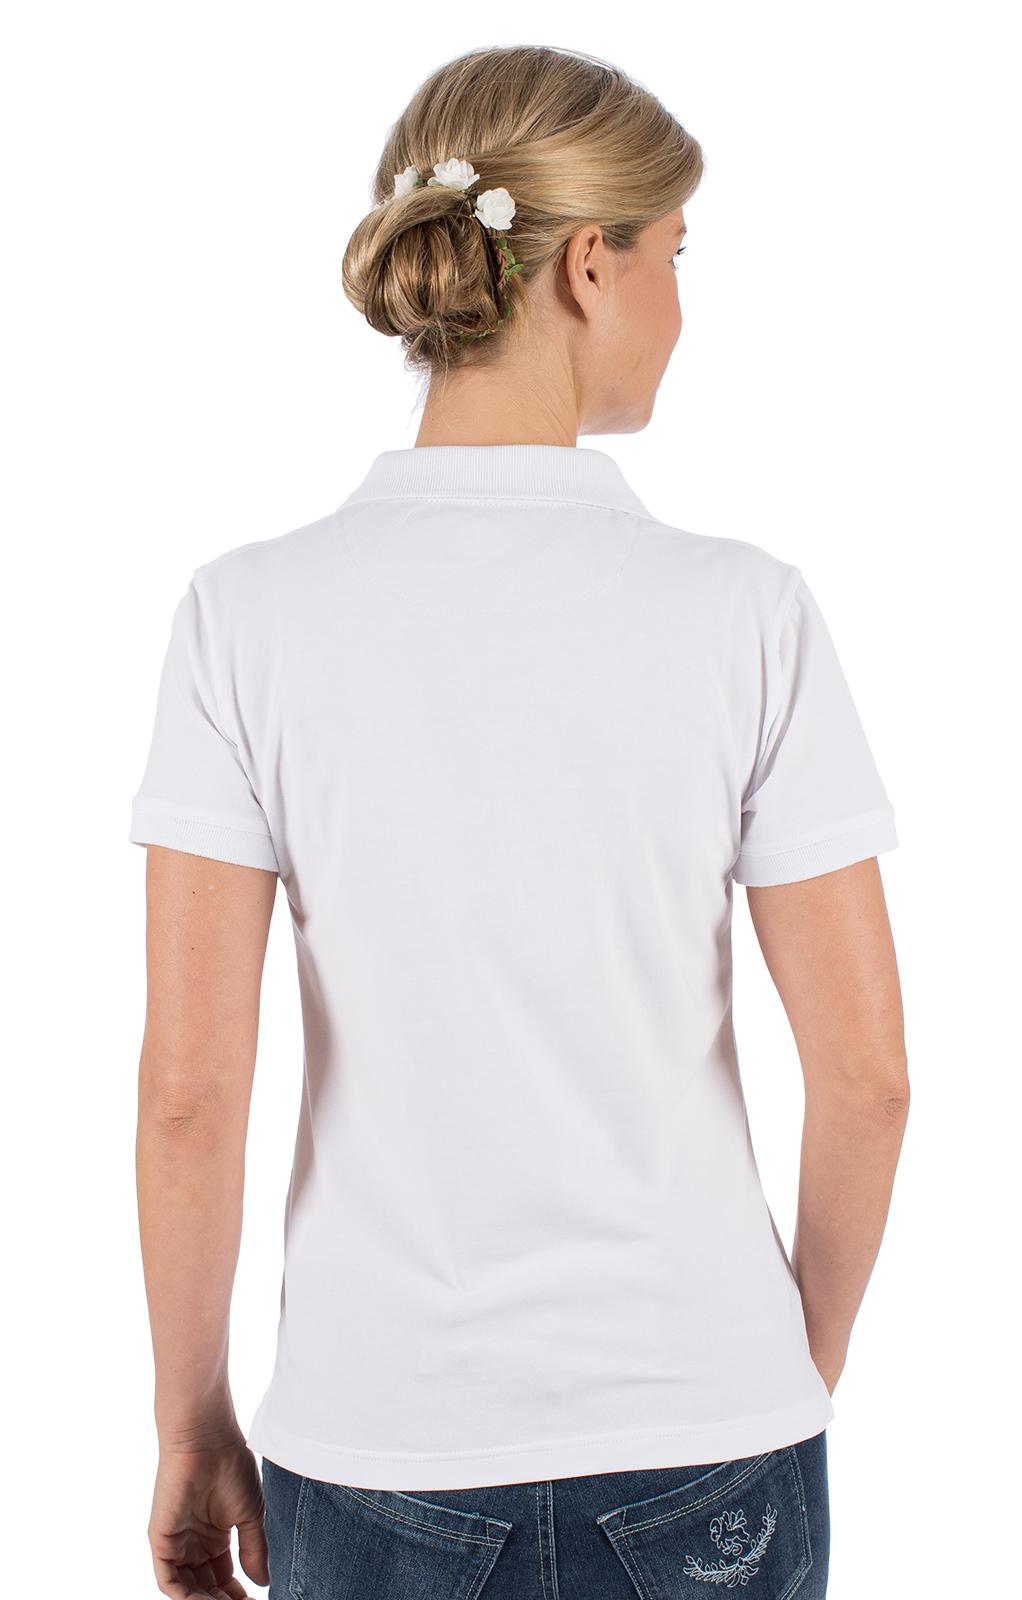 weitere Bilder von Trachten T-Shirt BRITTA weiß